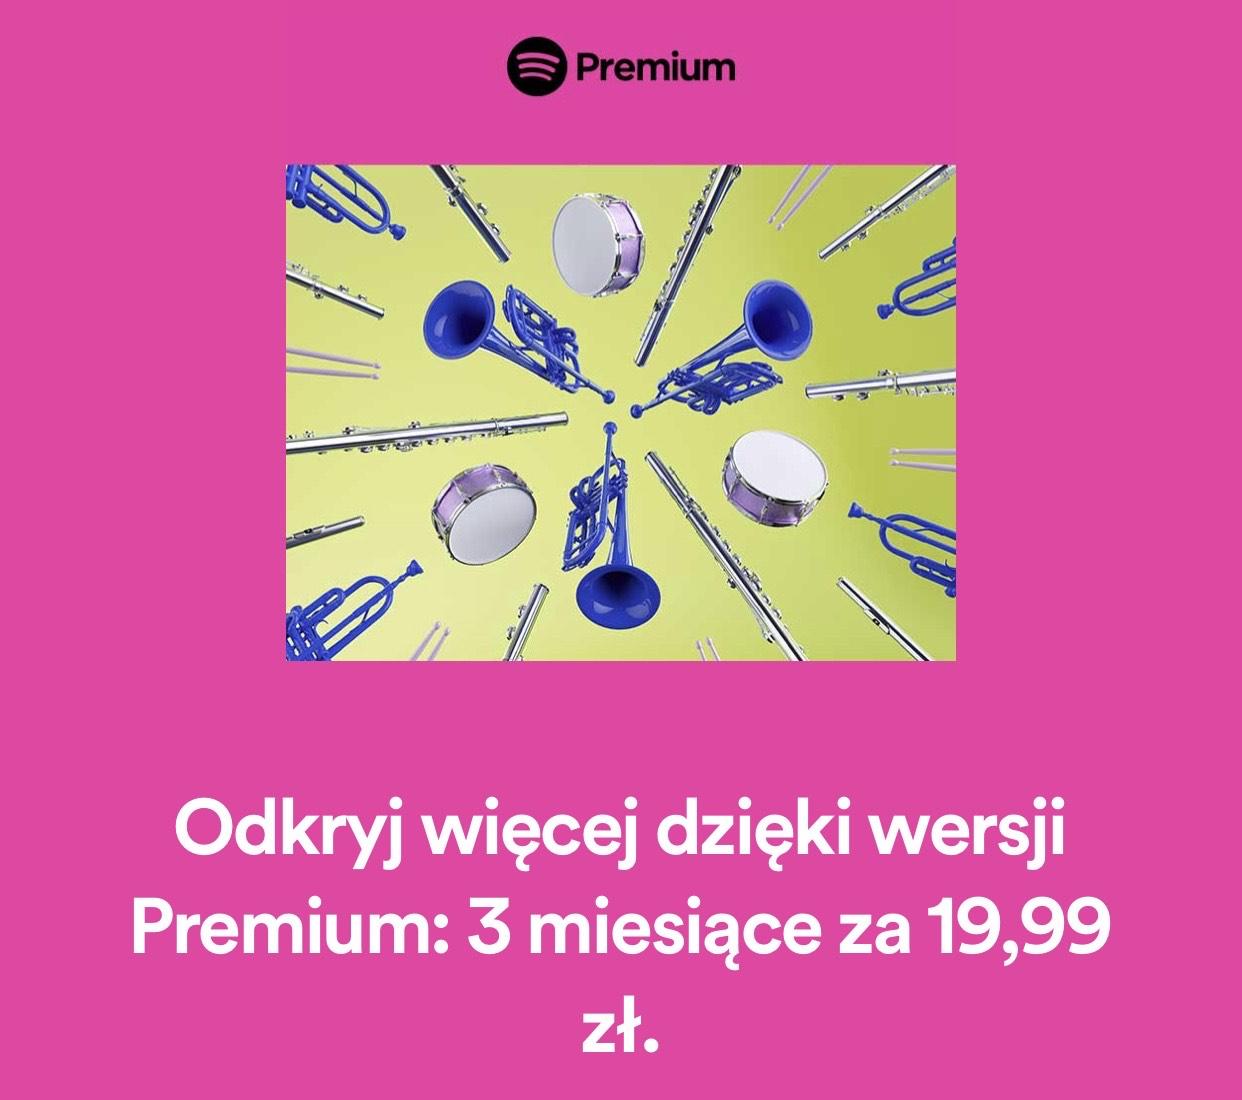 Spotify Premium na 3 miesiące za 19,99zł [DLA OBCENYCH BEZ SUBSKRYPCJI]